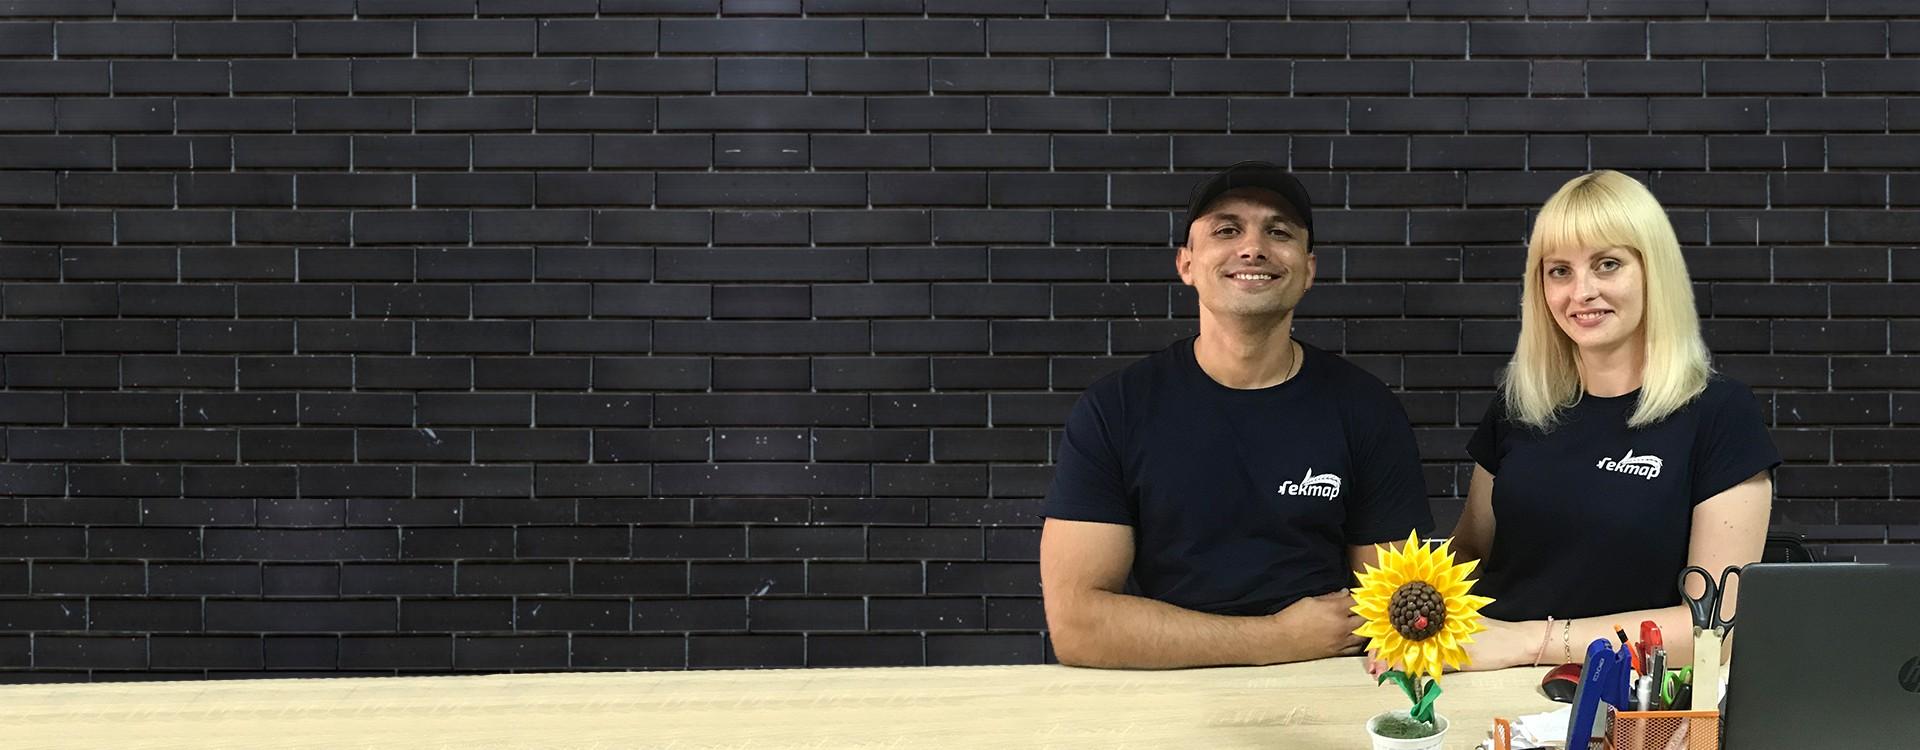 «Гектар» Новий Буг  | Однією з переваг сучасної та інноваційної «Корпорації Гектар» є наявність  власної мережі аграрних магазинів